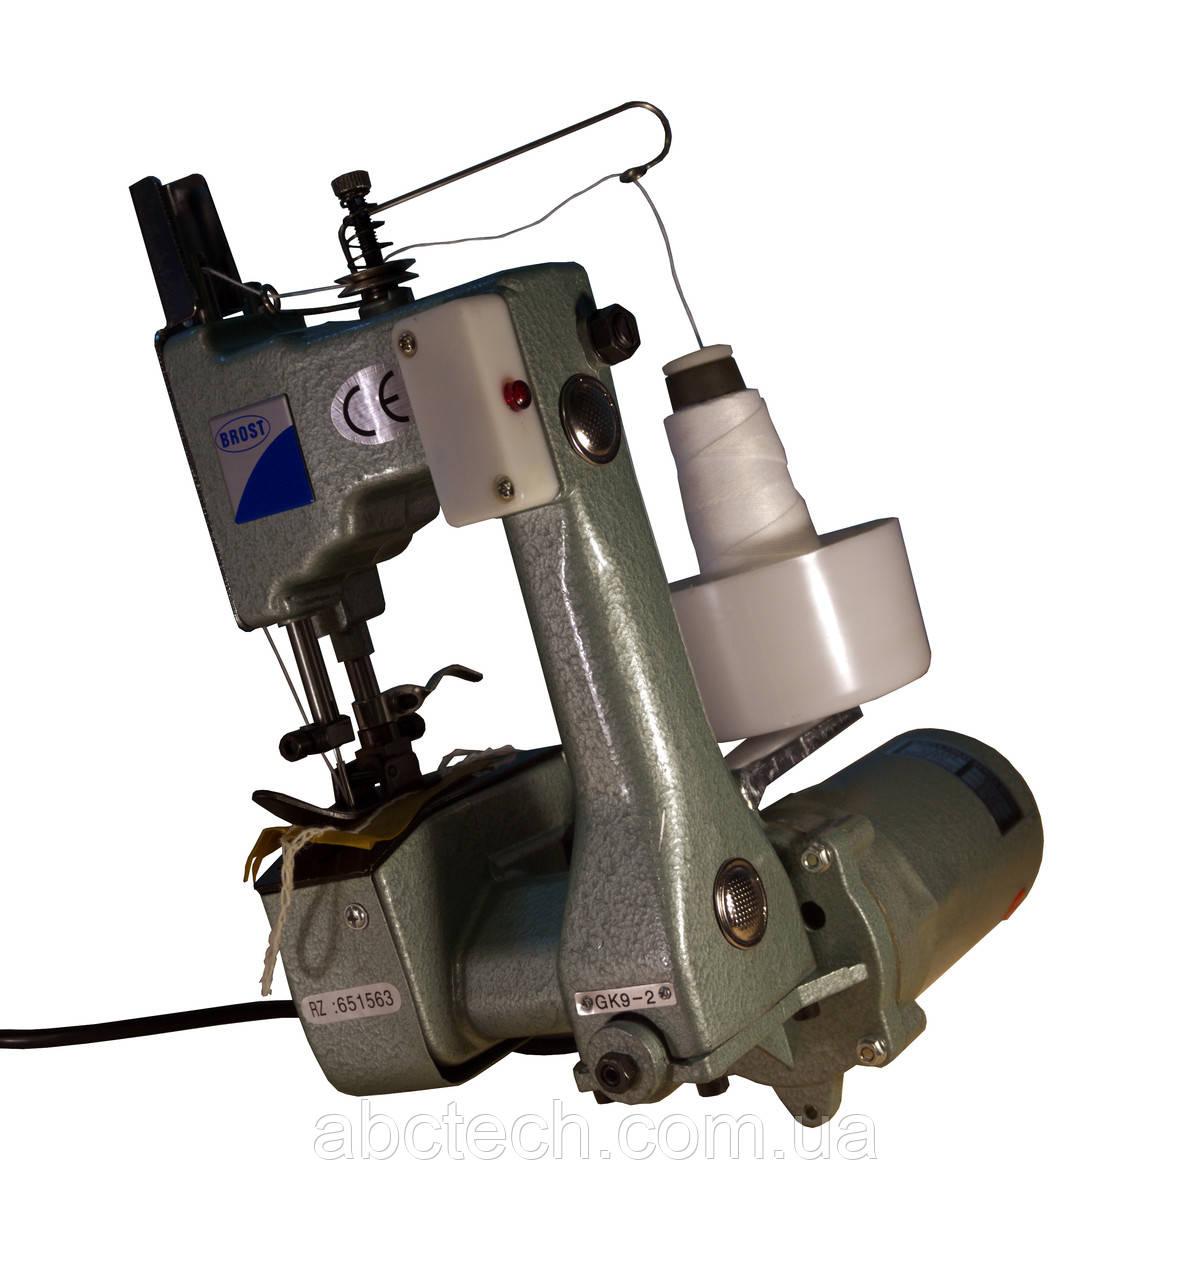 Мішкозашивна машинка GK 9-2 300 мішків зміна